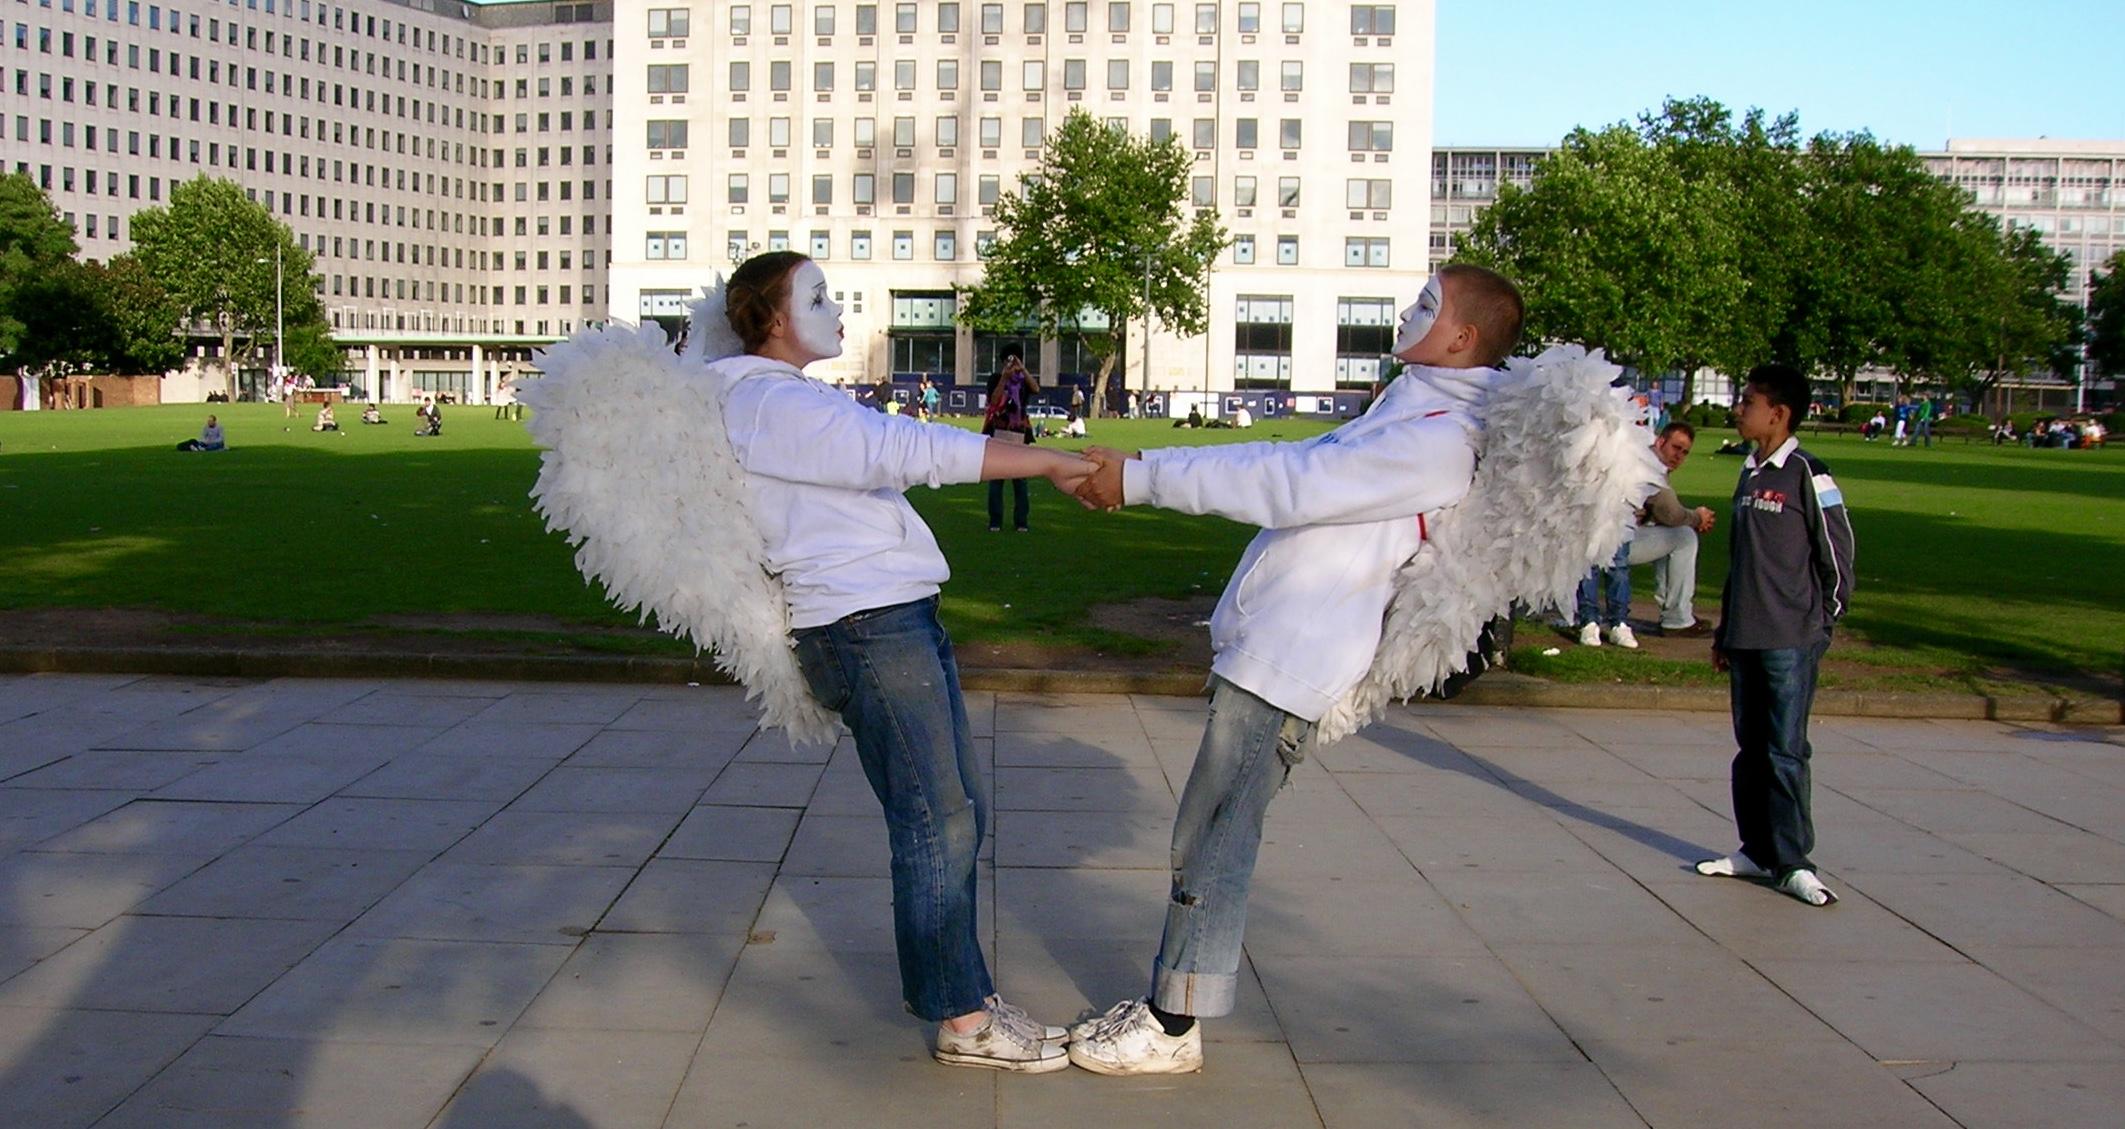 Dos mimos con alas y cara blancas agarrados de la mano en un parque